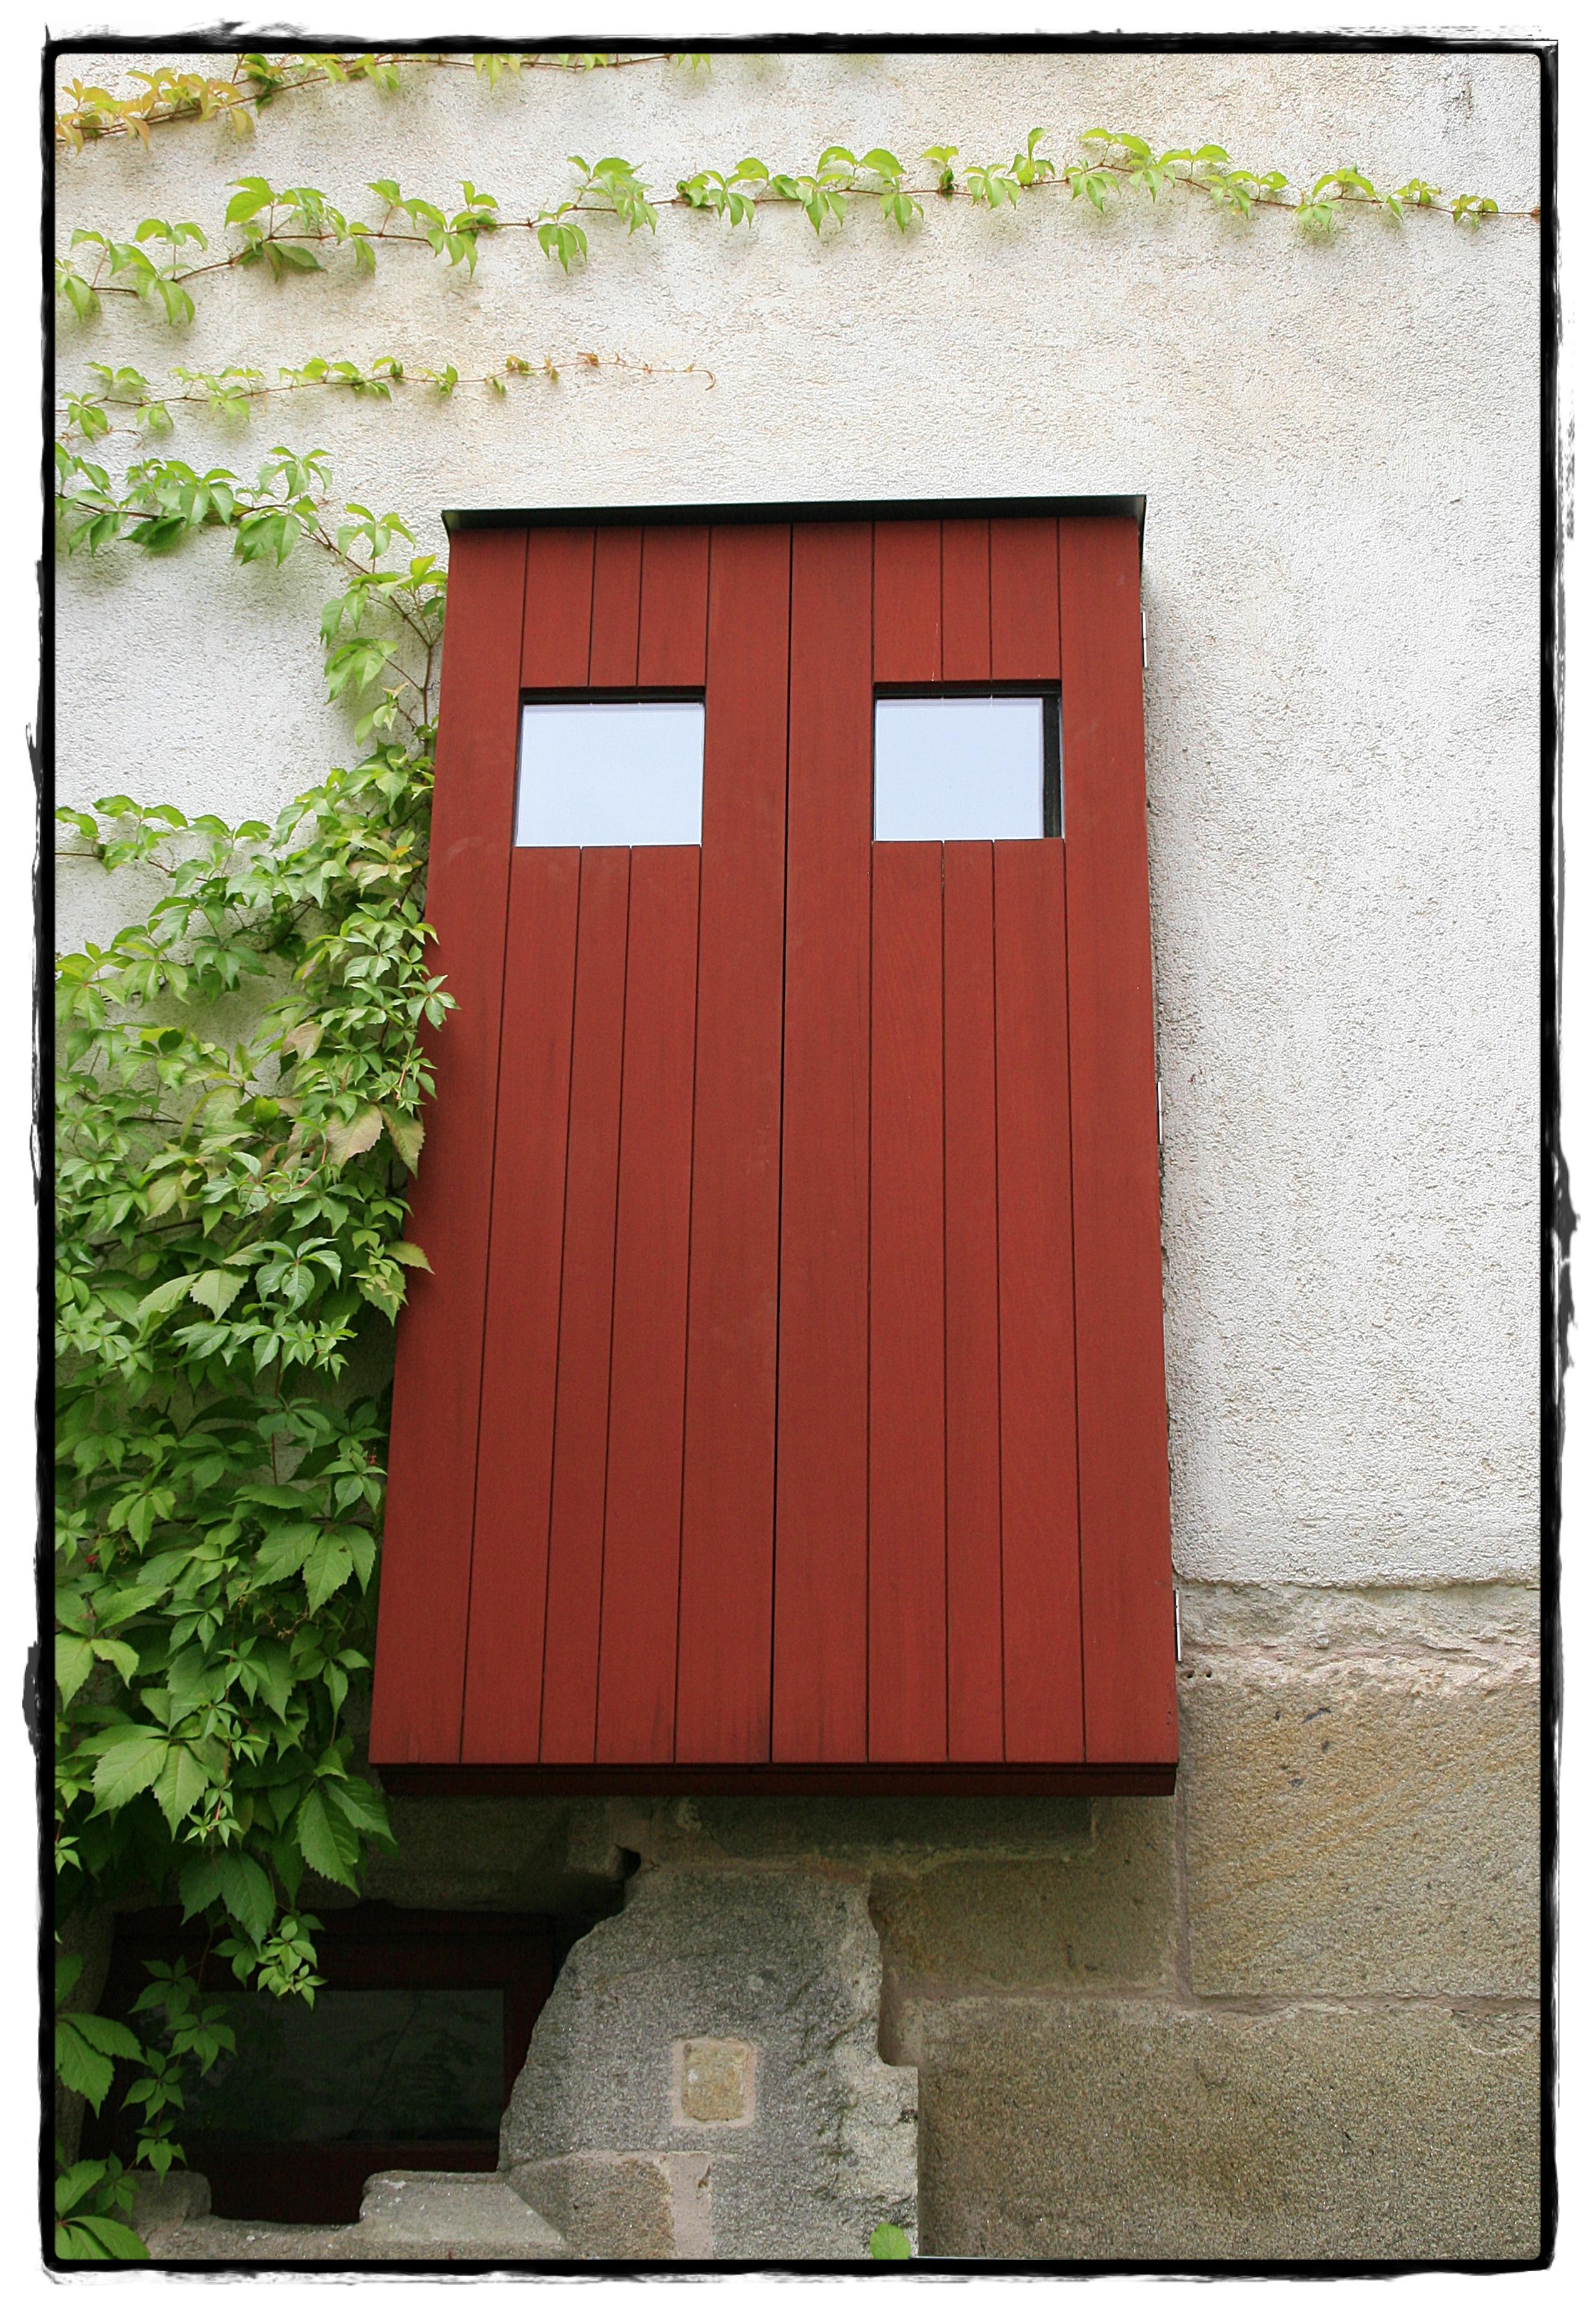 Fotos gratis : ventana, cobertizo, fachada, puerta, diseño de ...